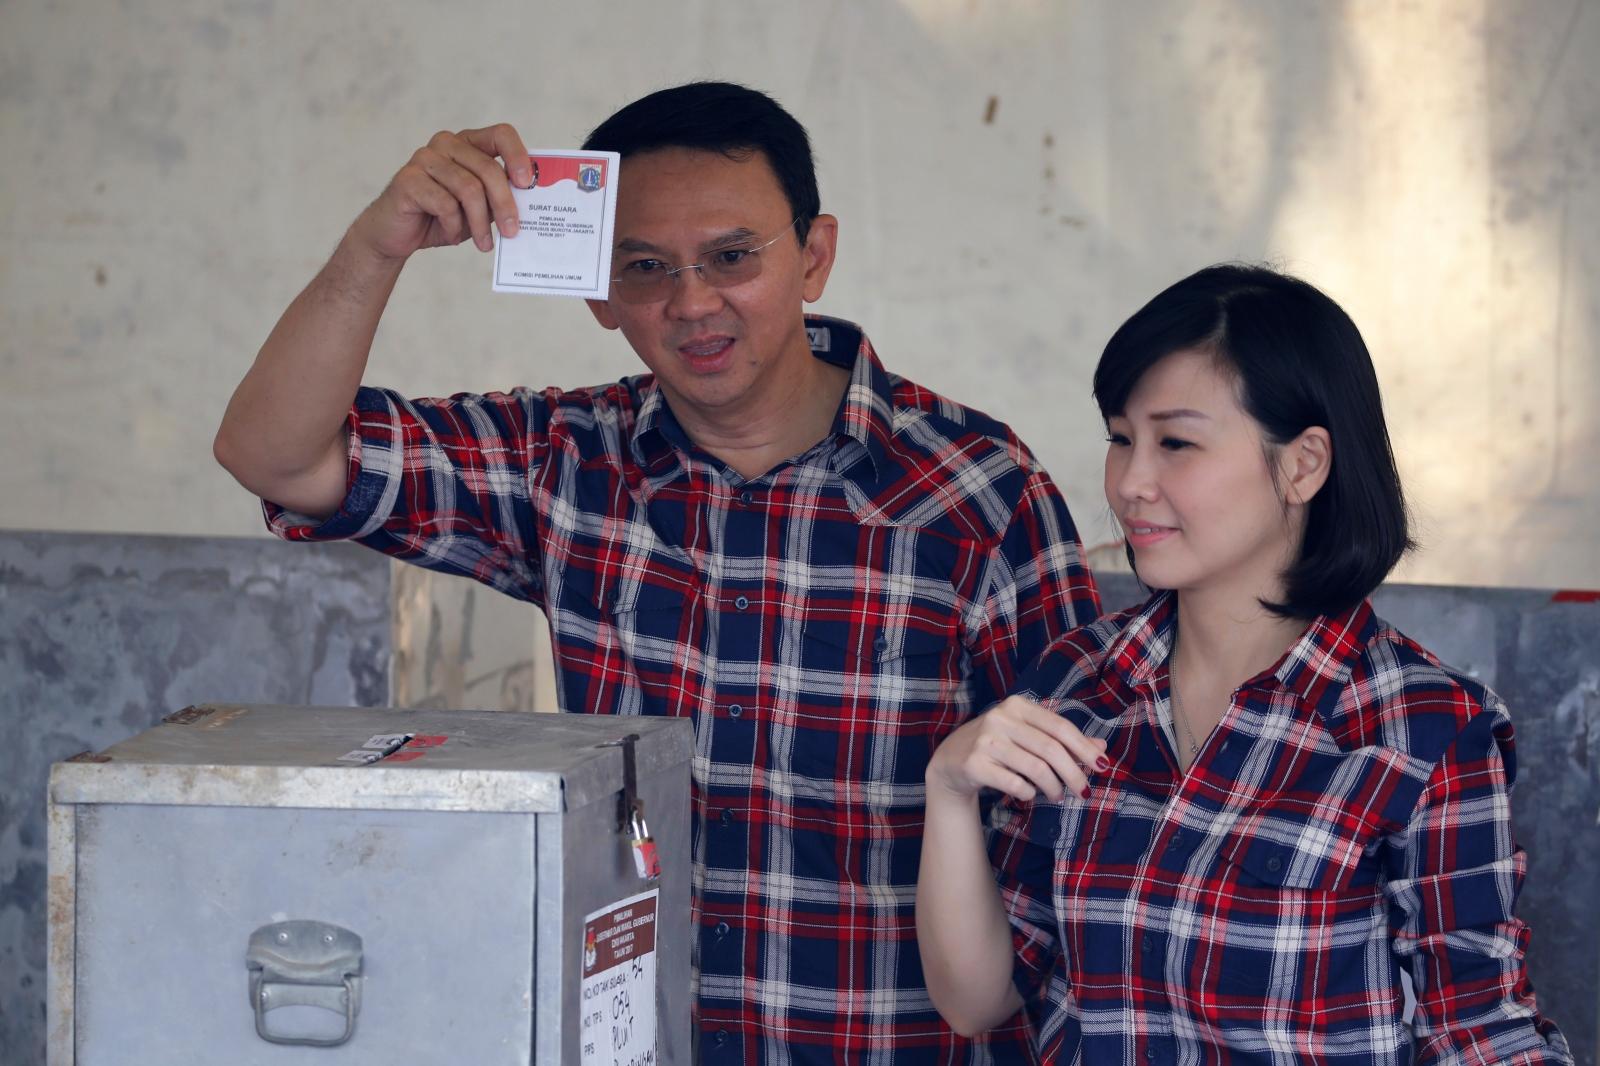 Jakarta governor Ahok Purnama